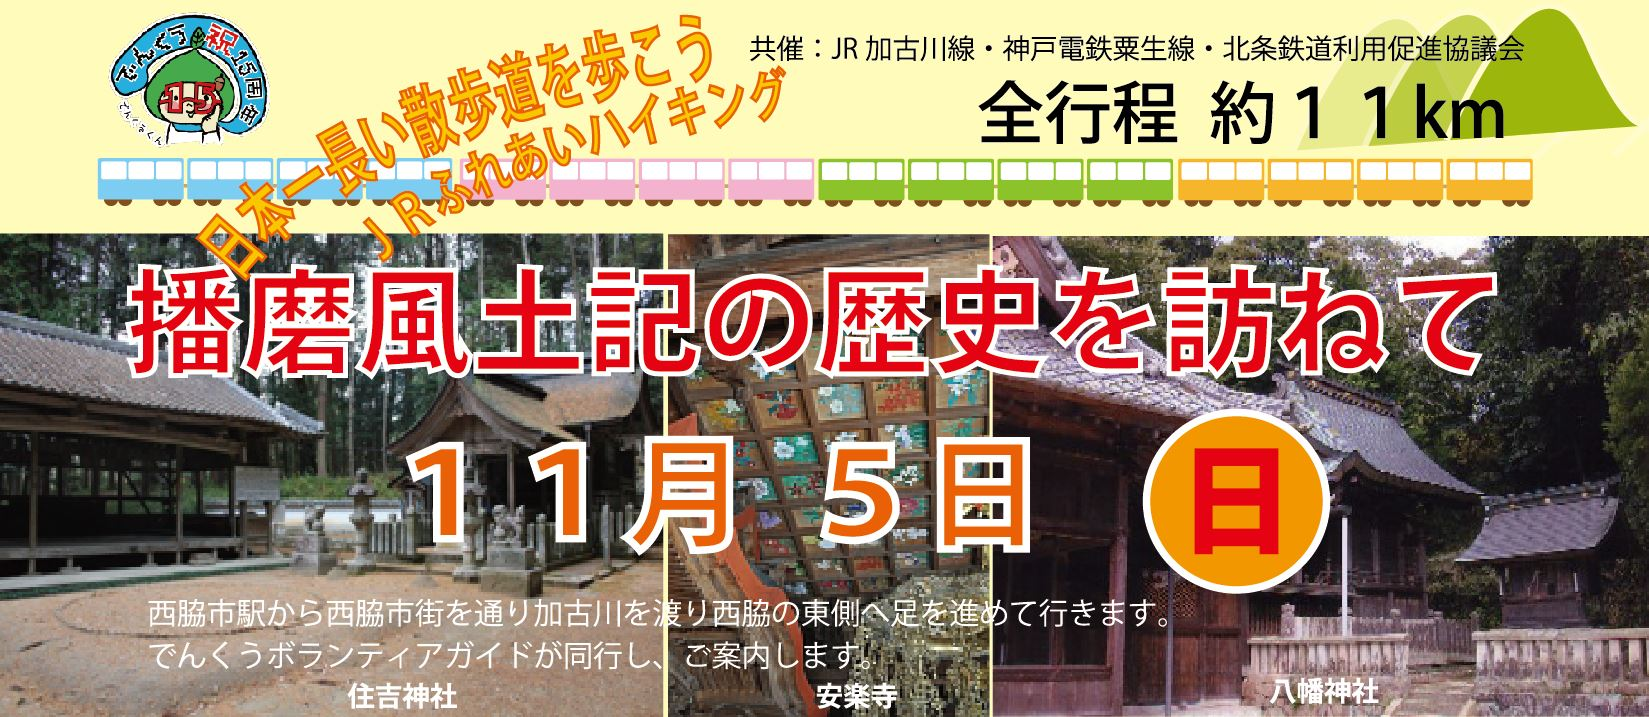 11/5 JRふれあいハイキング:西脇市駅集合(9/11)